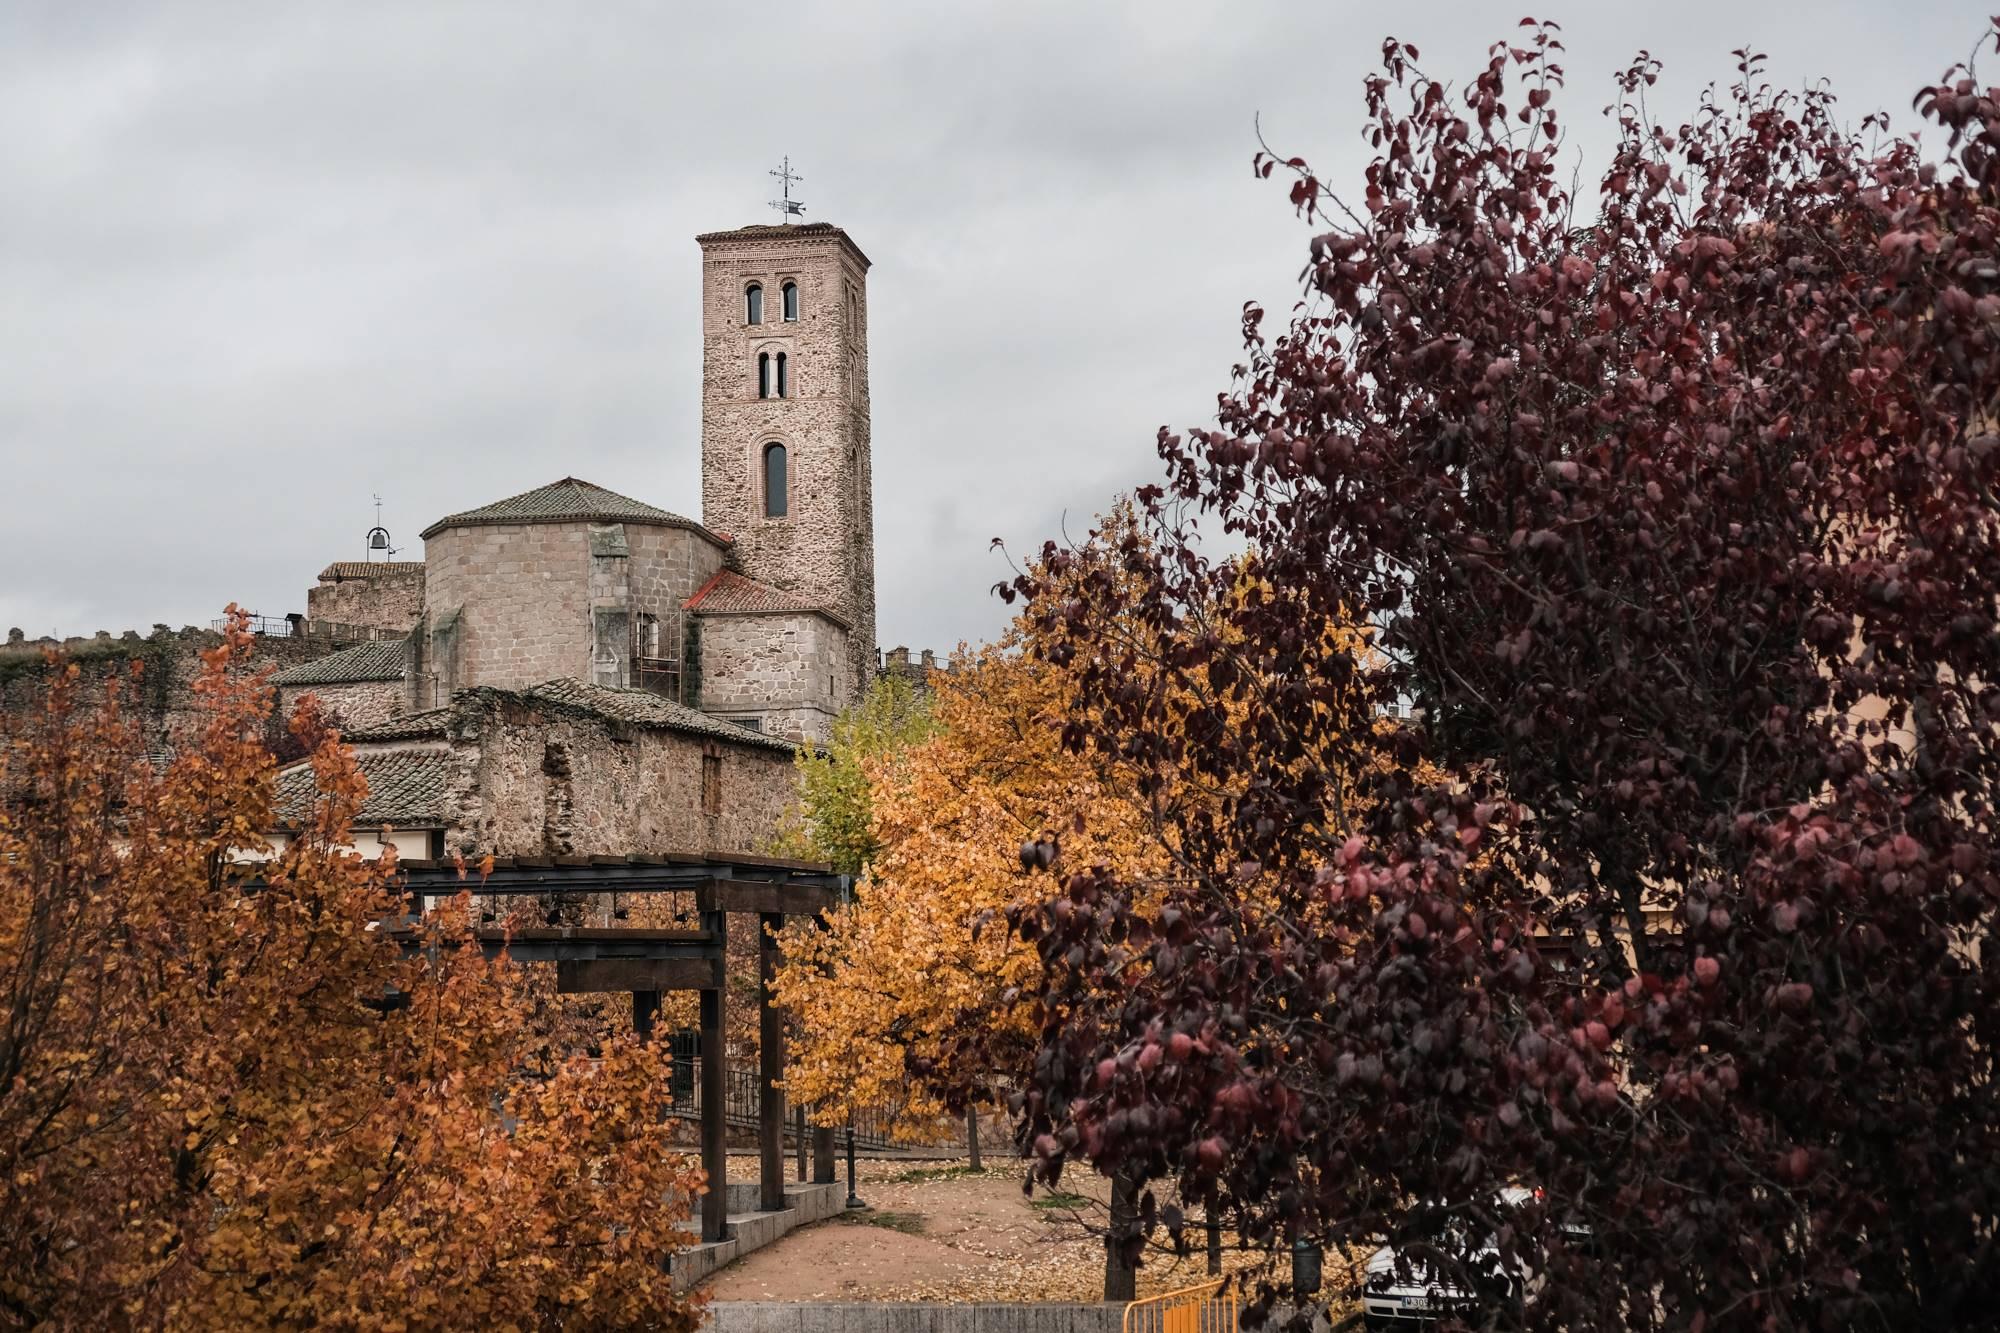 La imponente figura de Santa María del Castillo, impulsada en el siglo XIV por el Marqués de Santillana.